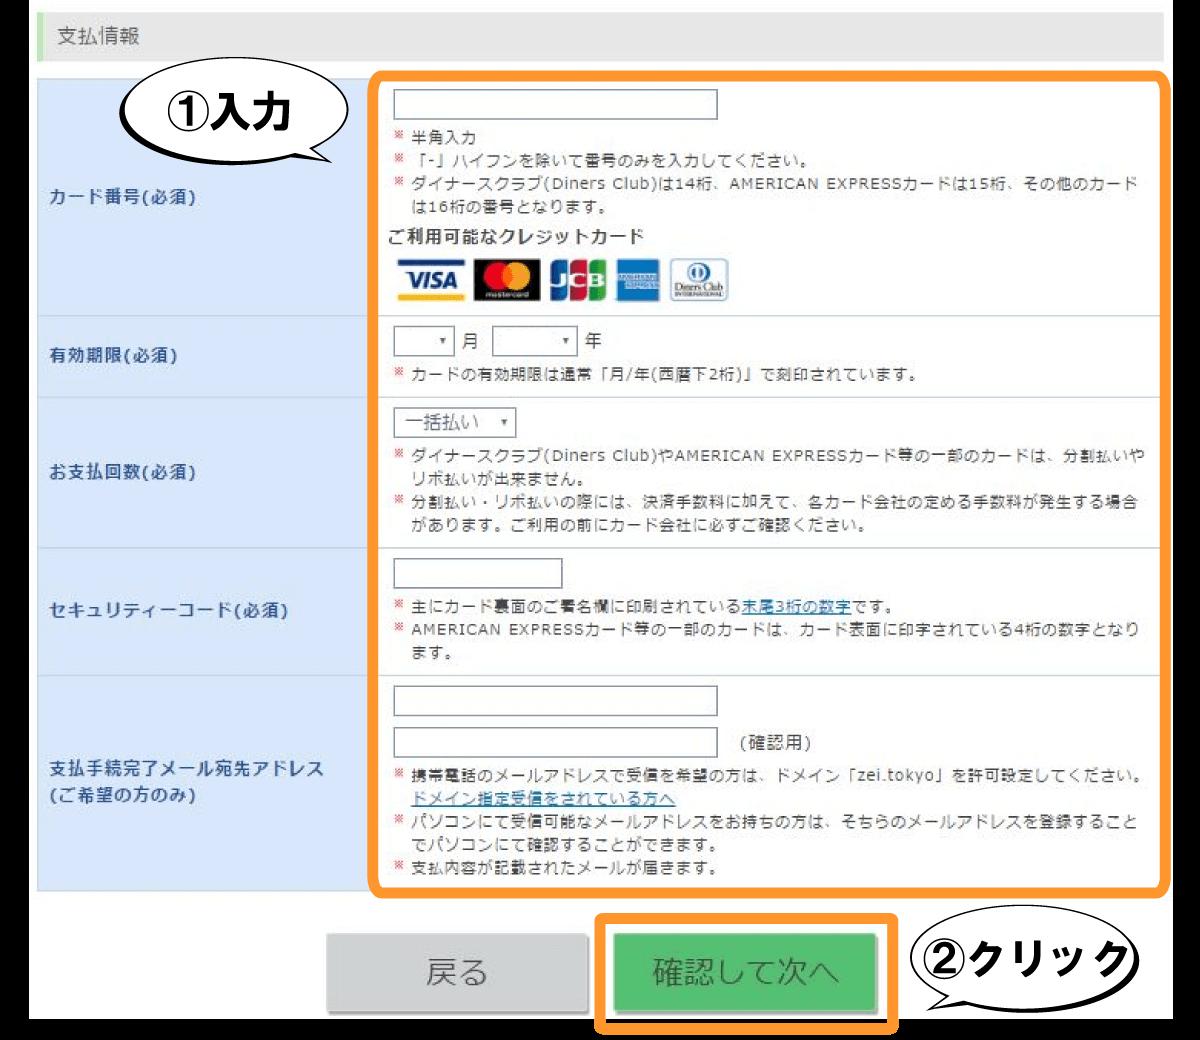 都税クレジットカードお支払サイト(支払い情報を入力)